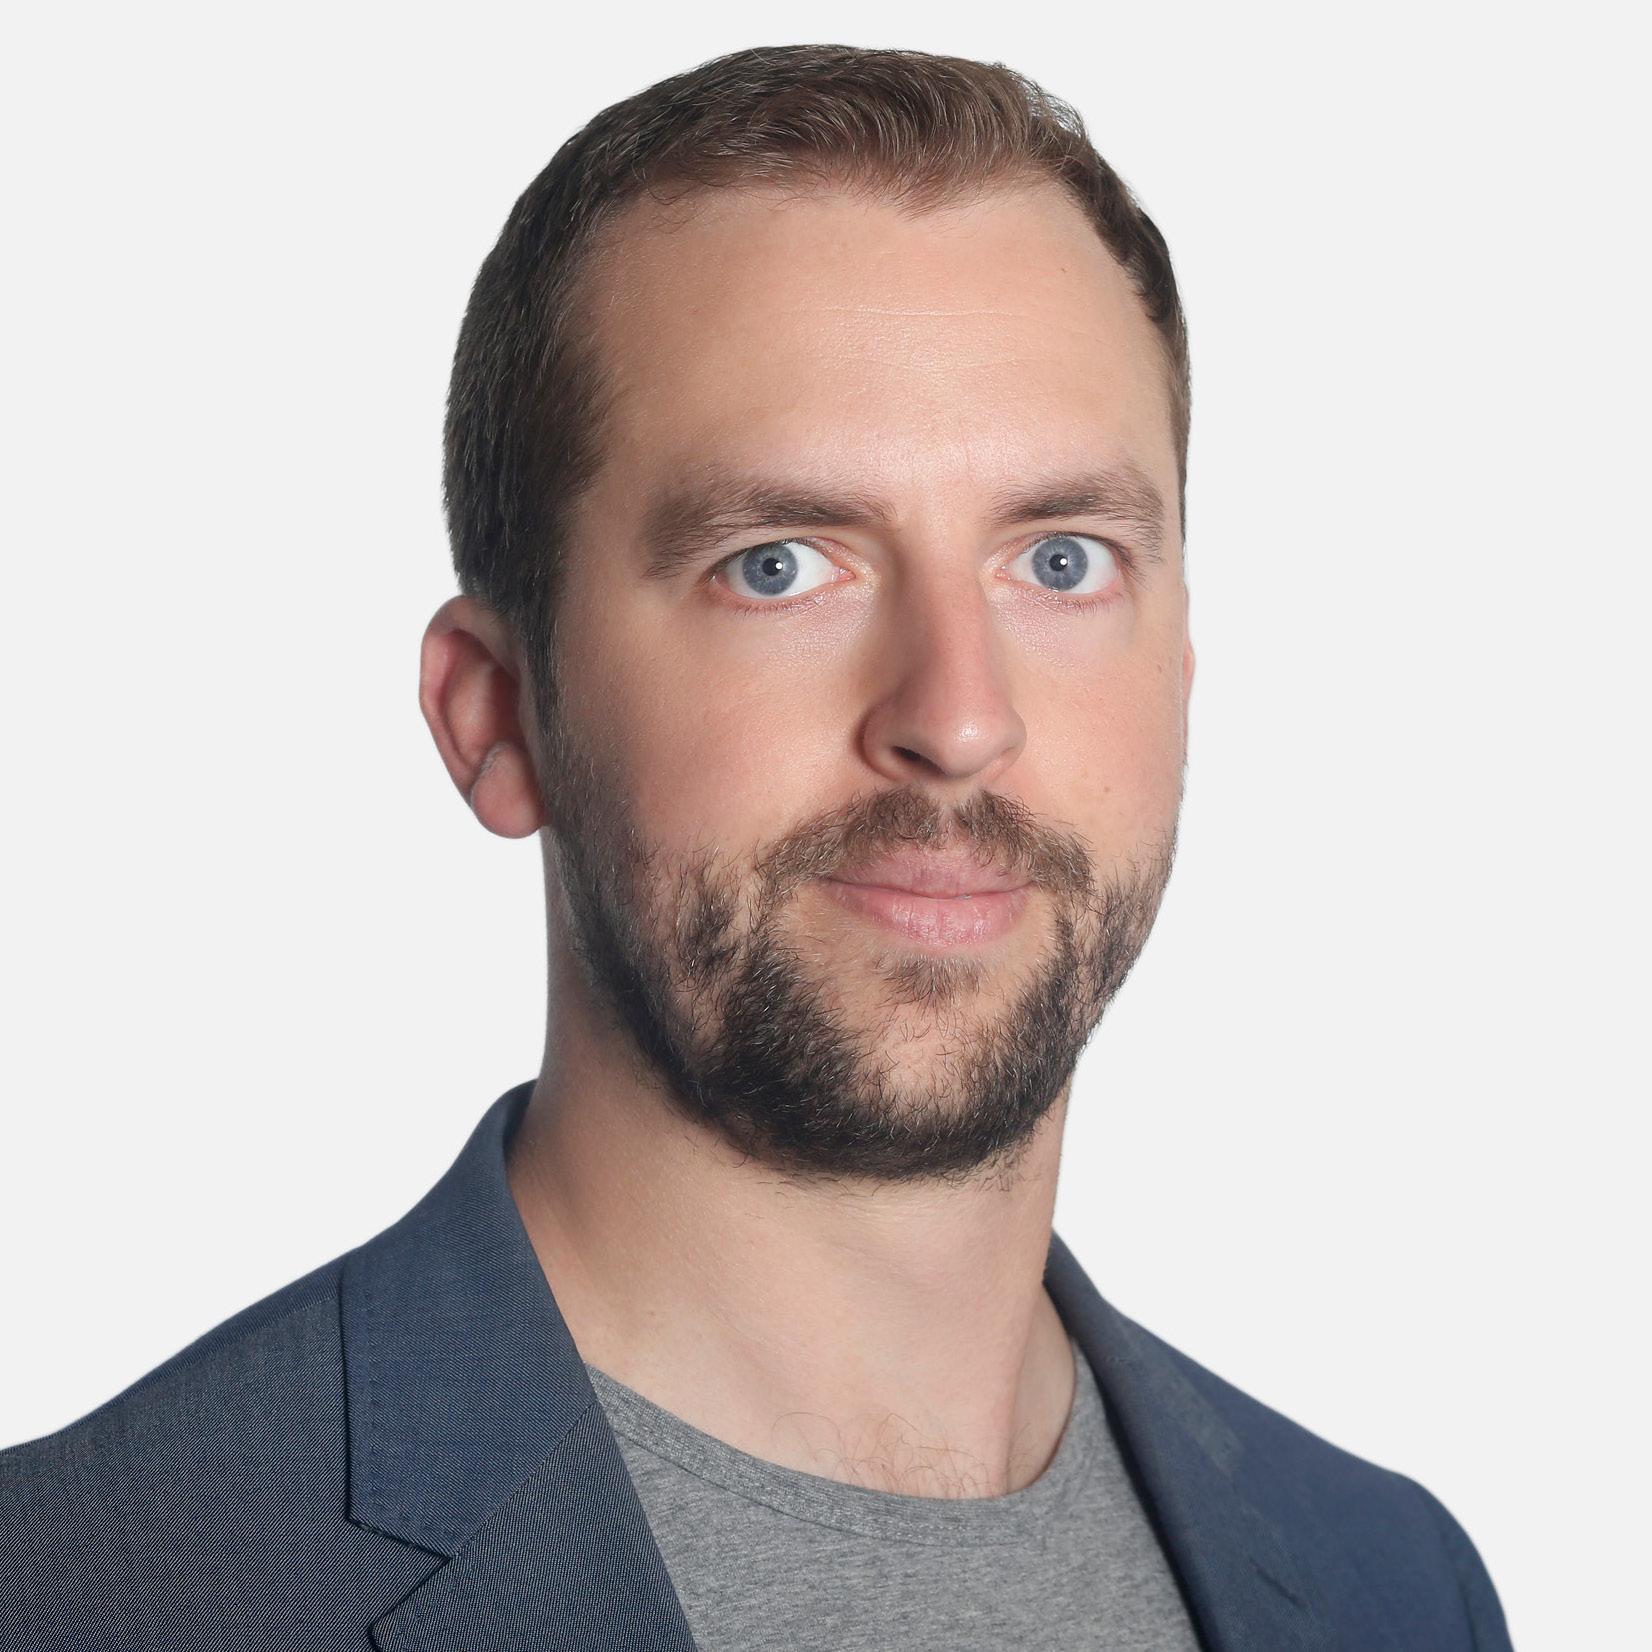 Chris Carey